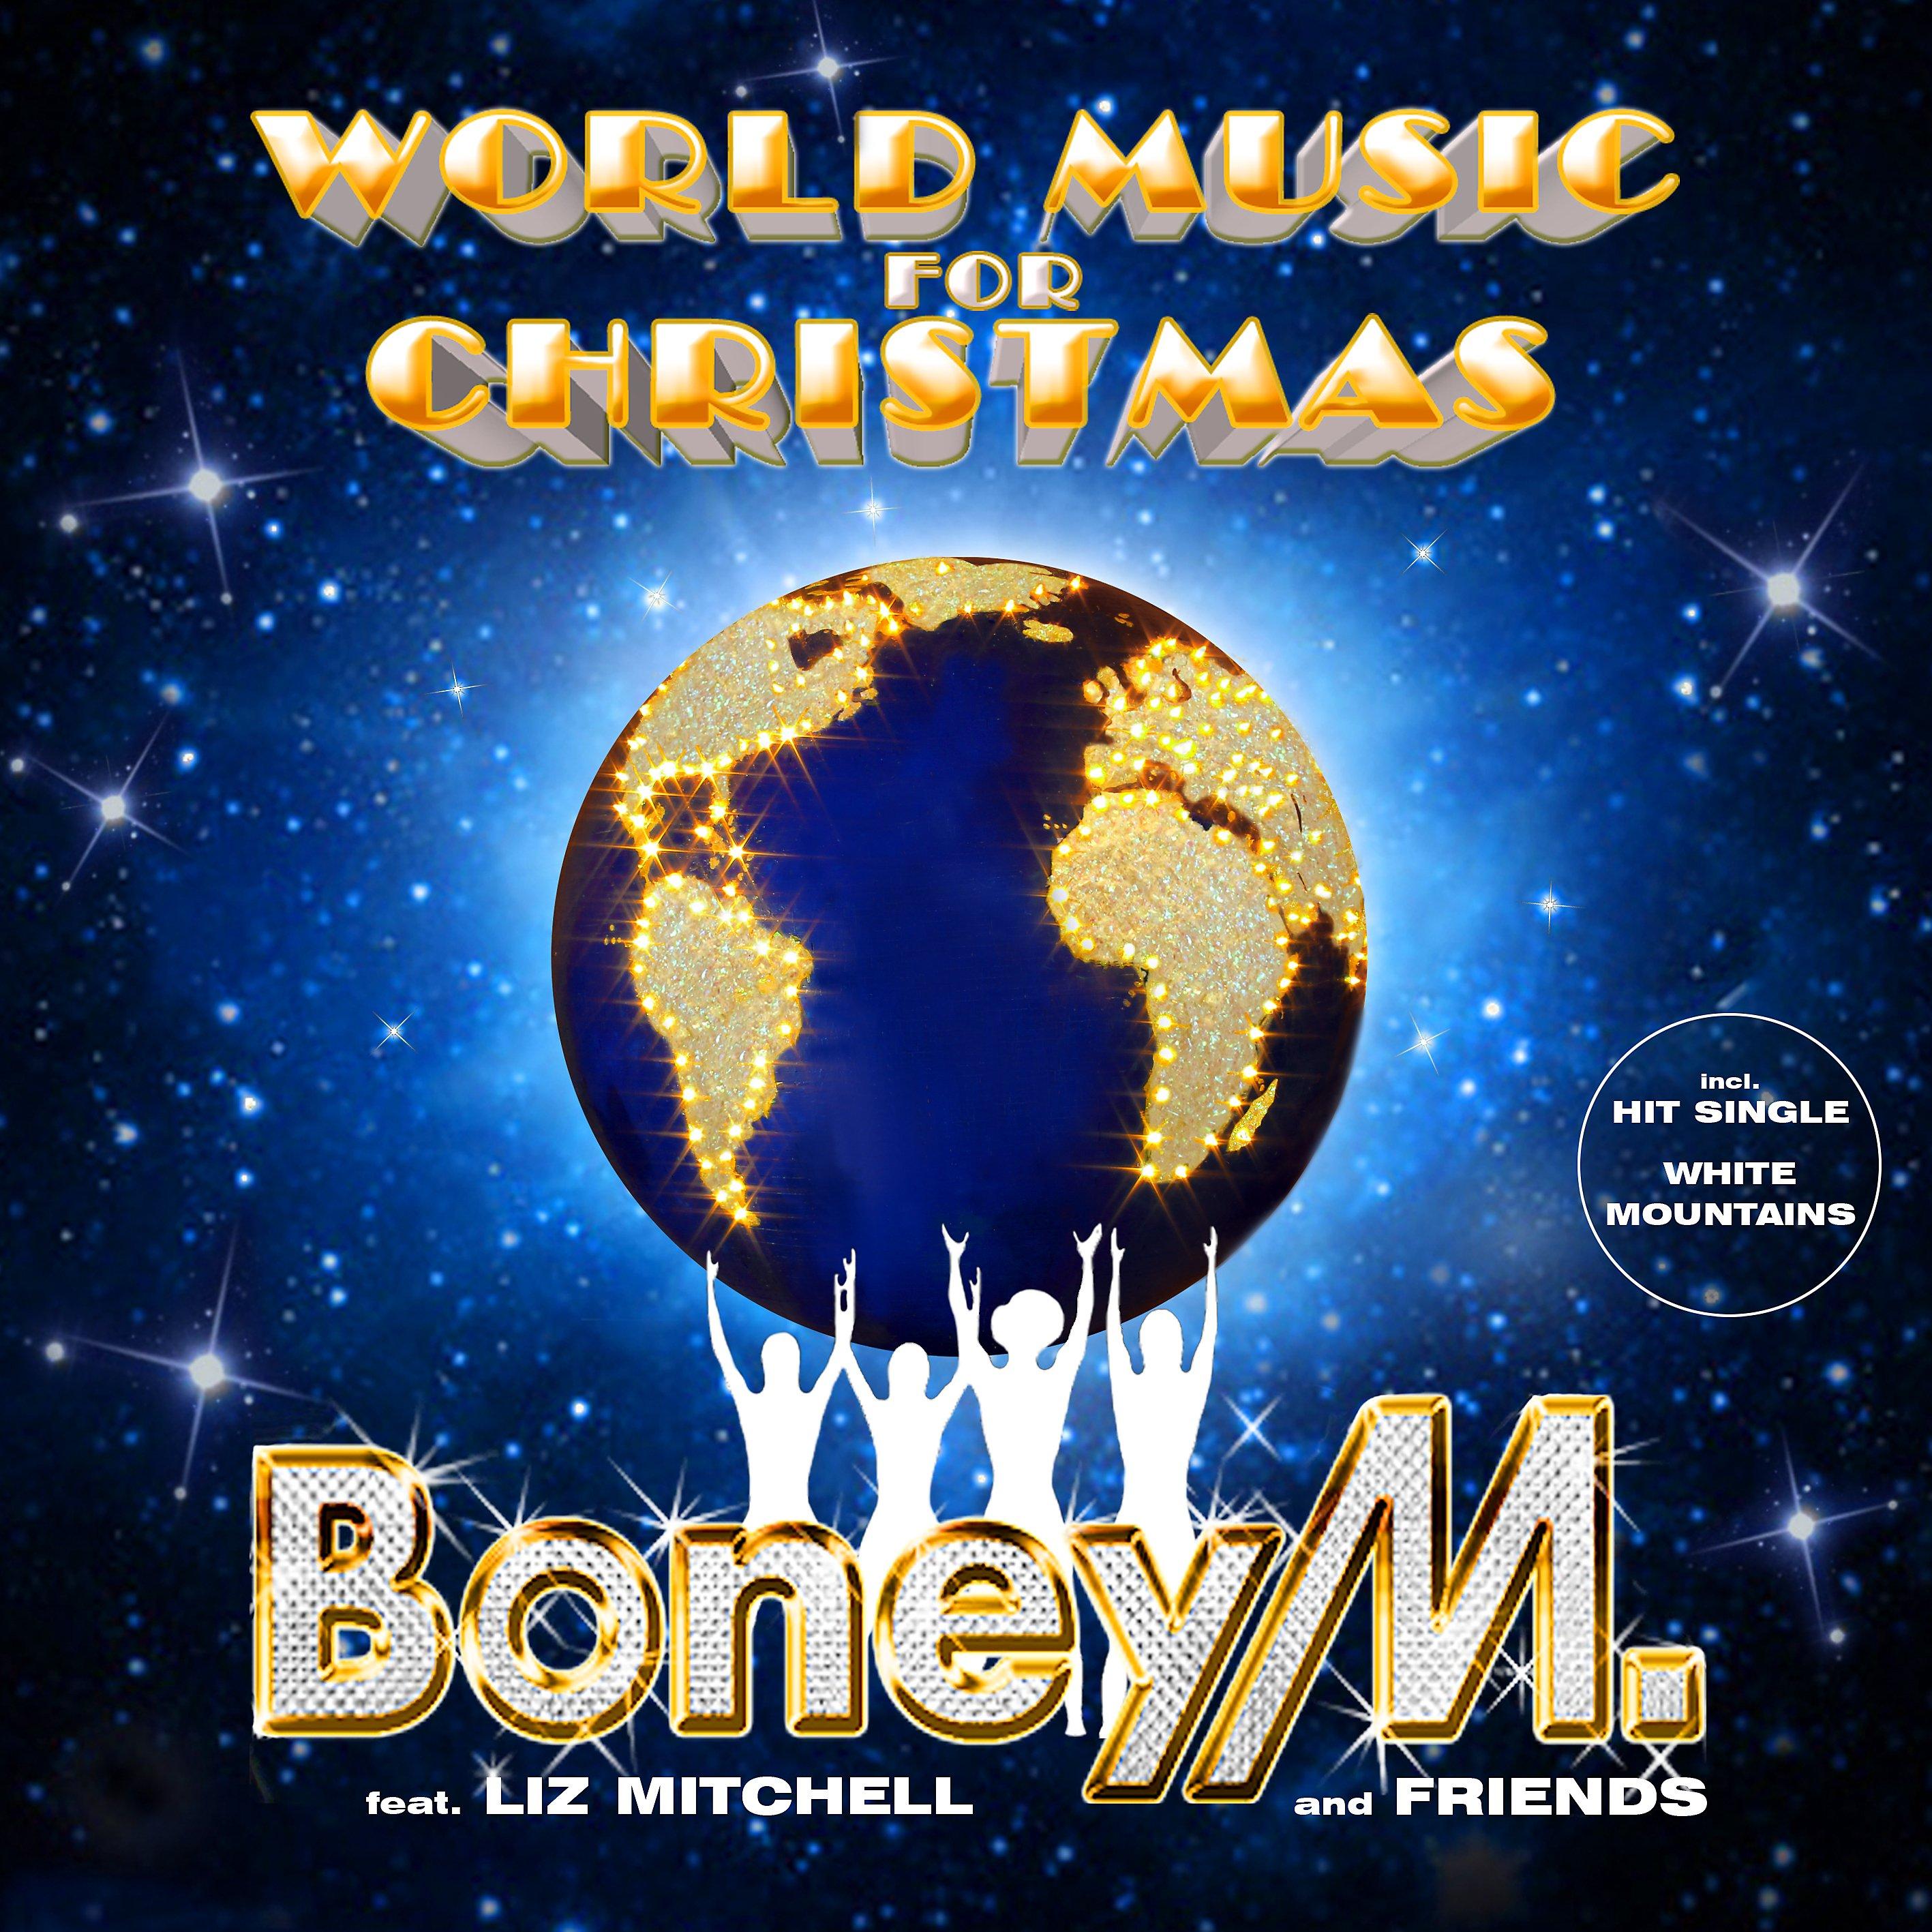 World Music For Christmas CD von Boney M. bei Weltbild.de